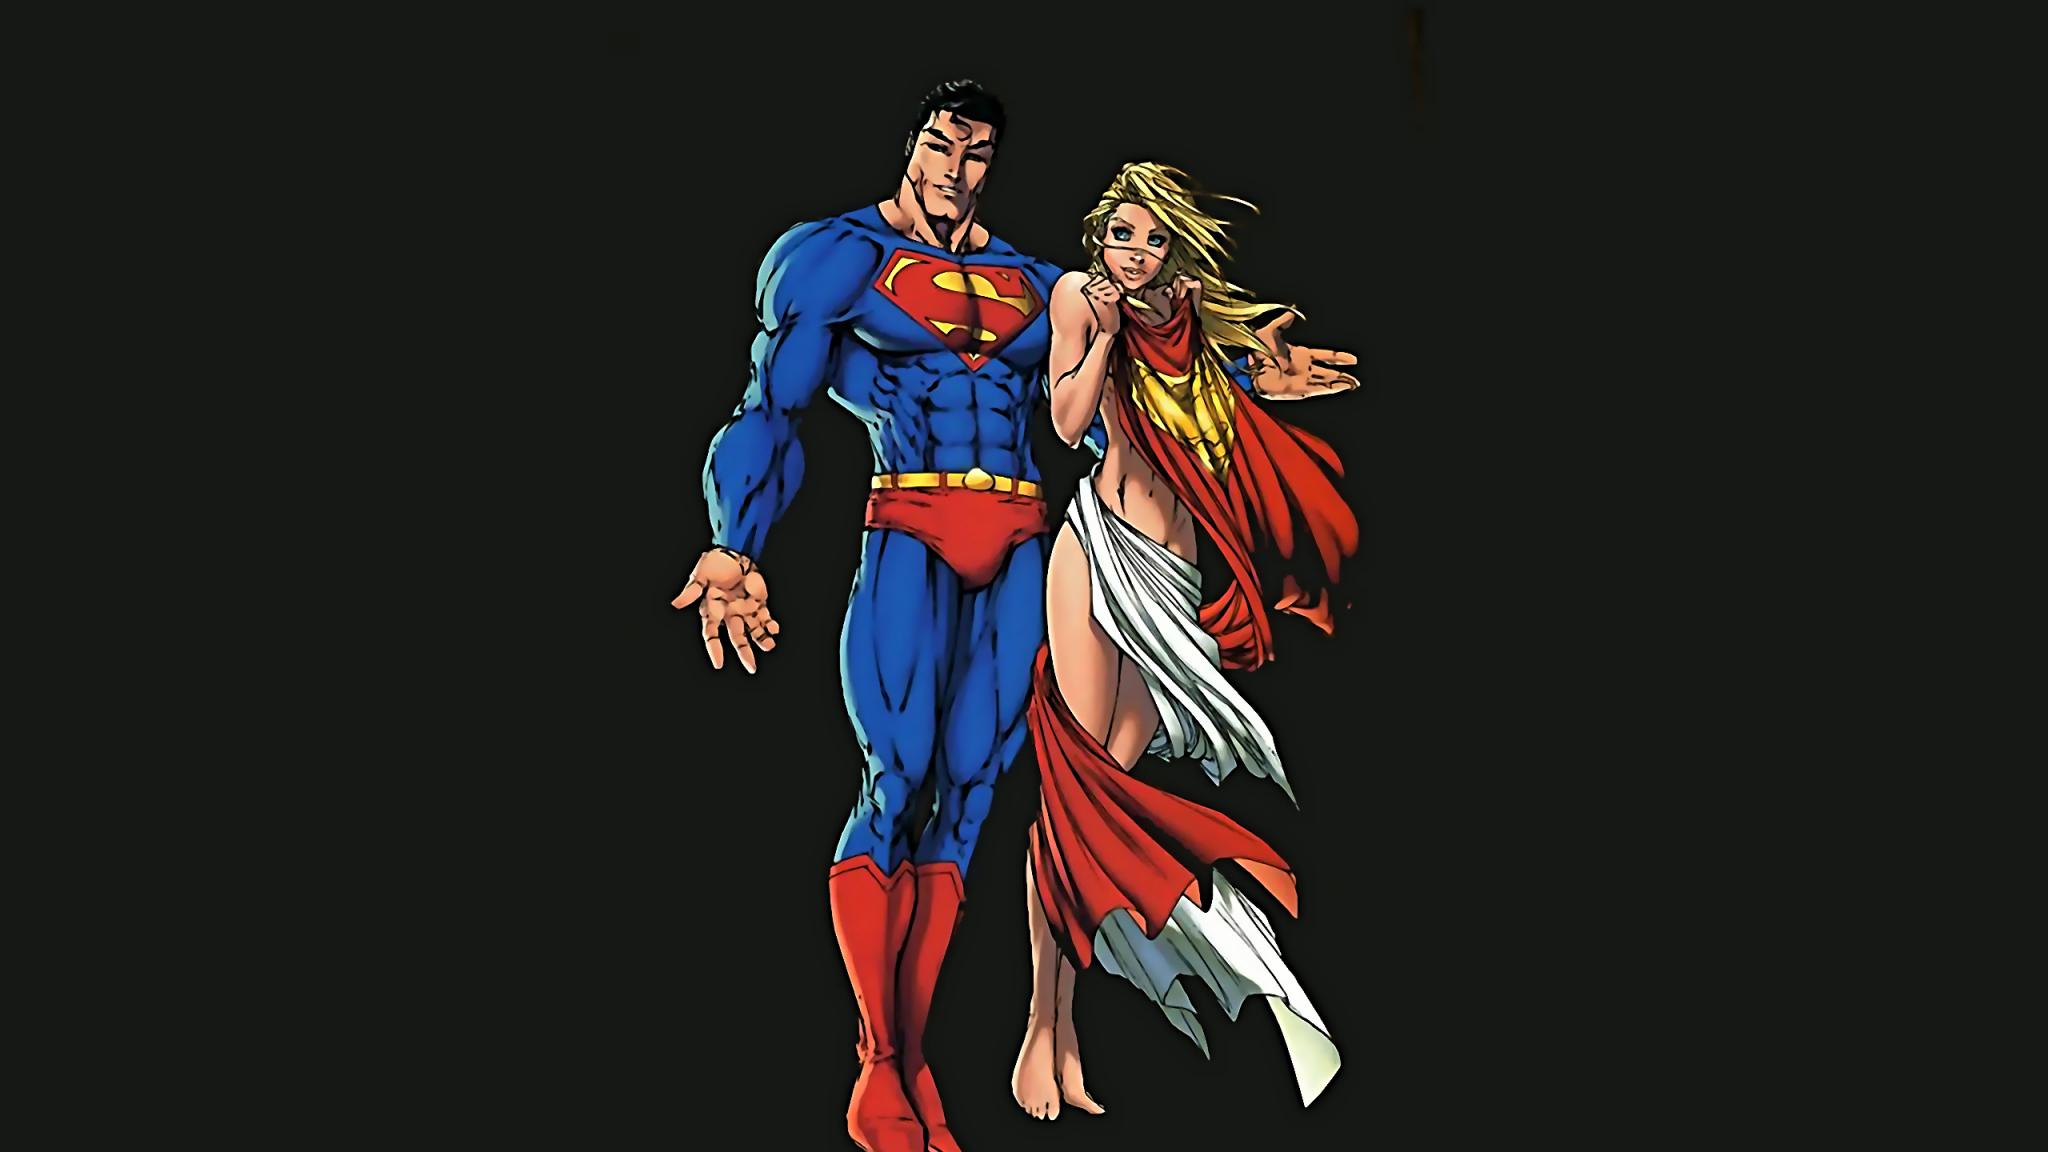 И знакомства обои супер